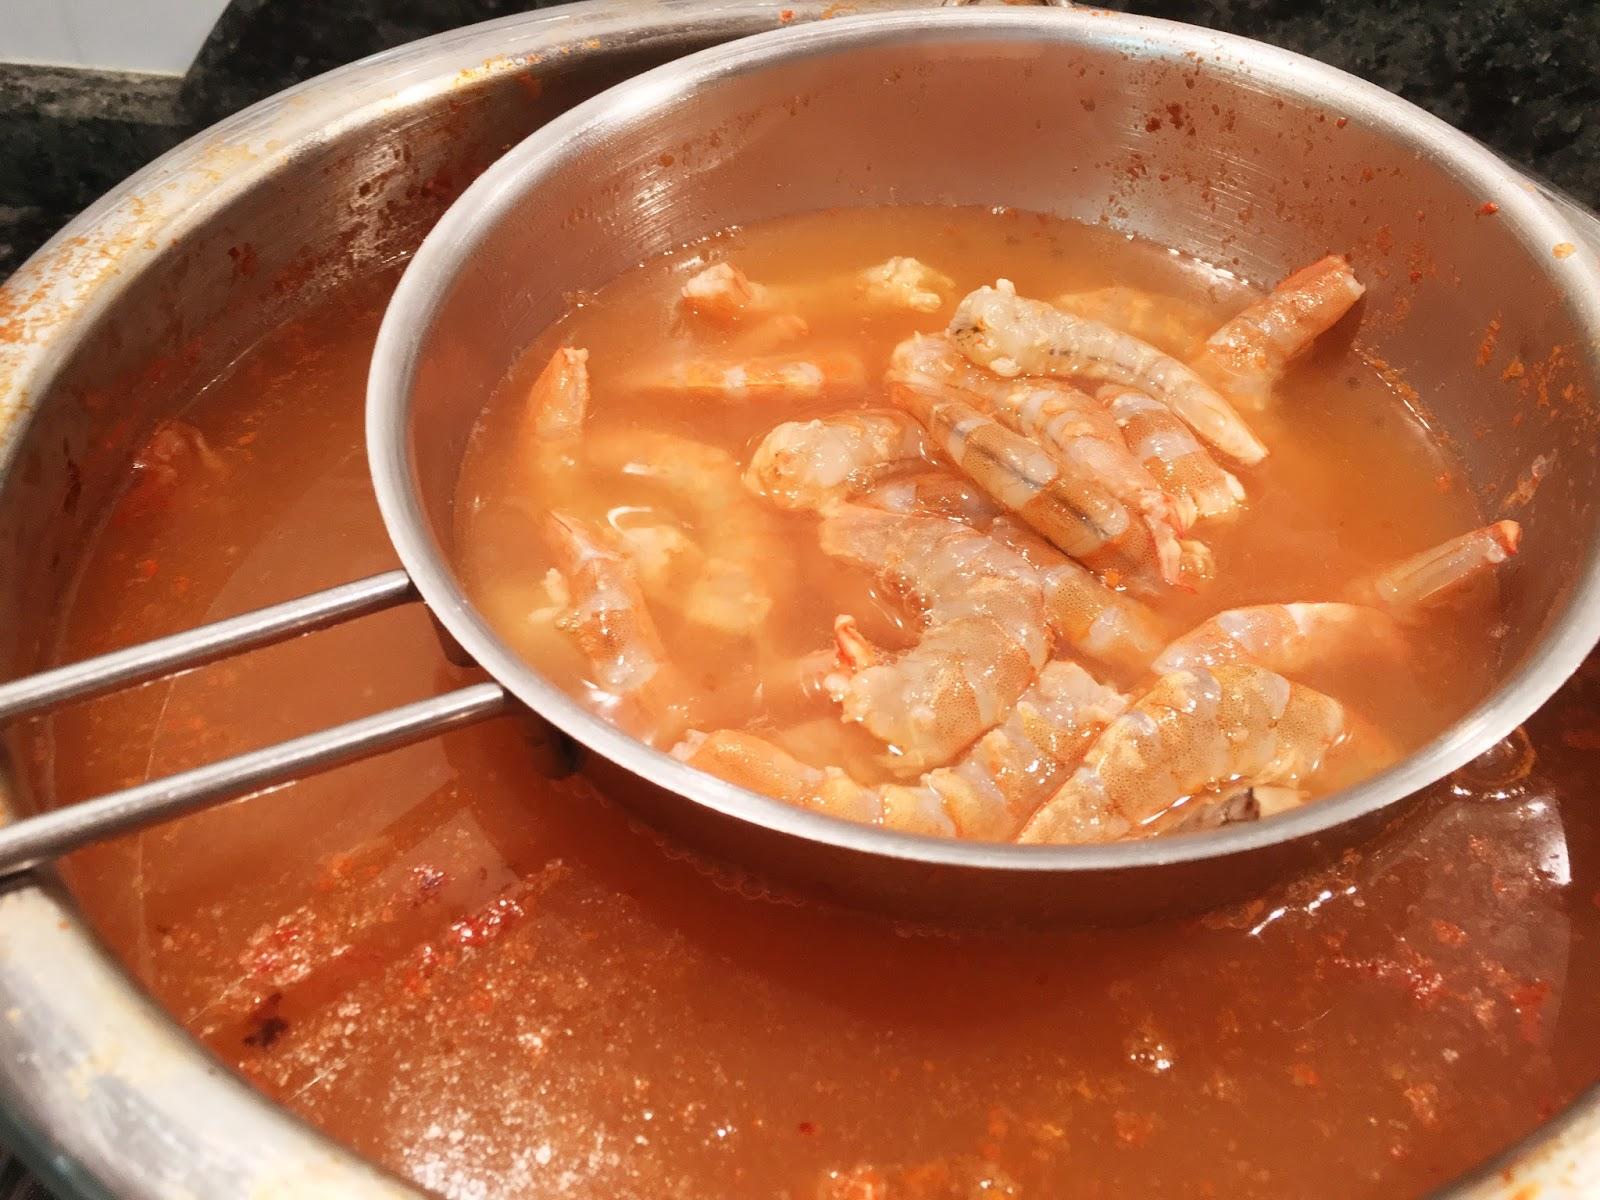 Cocina tu alegr a t pica ensaladilla de gambas de c diz - Cuanto tarda en cocer una patata ...